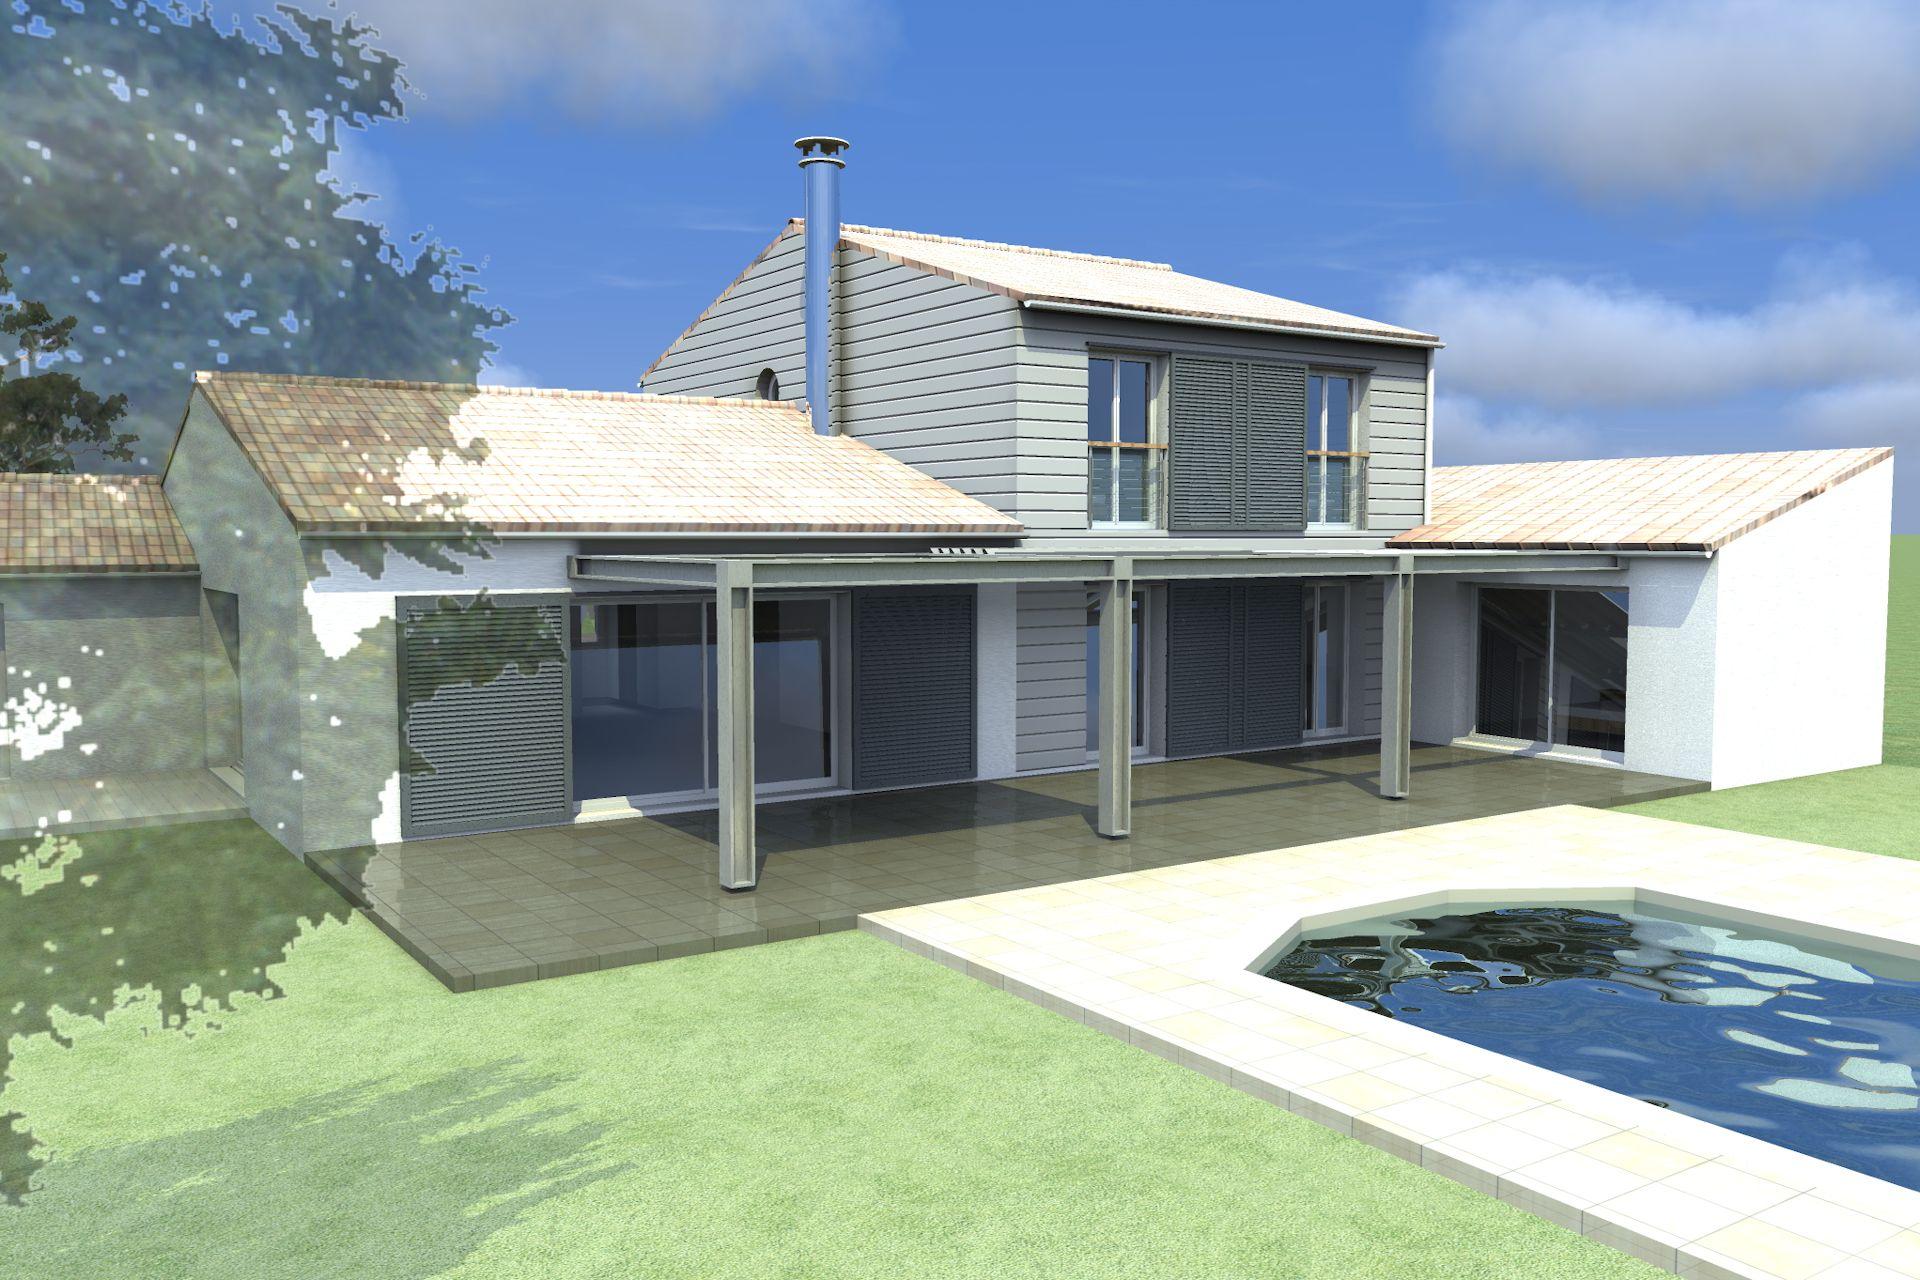 208 maison des petites maisons alfa architecture. Black Bedroom Furniture Sets. Home Design Ideas